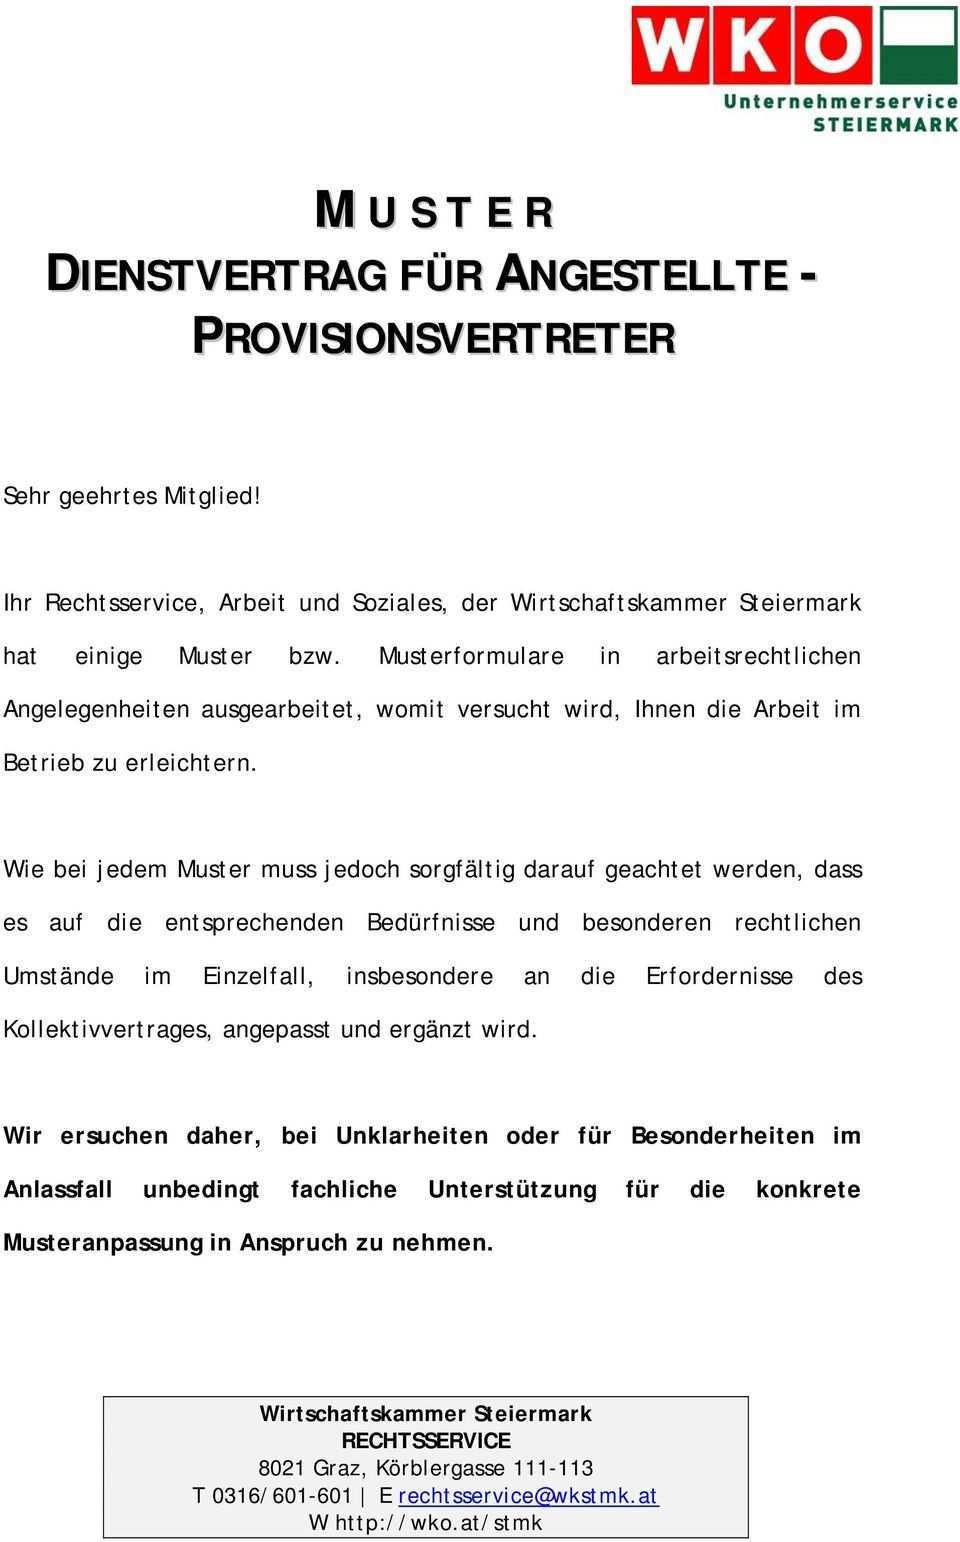 Ihr Rechtsservice Arbeit Und Soziales Der Wirtschaftskammer Steiermark Hat Einige Muster Bzw Musterformulare In Arbeitsrechtlichen Pdf Free Download